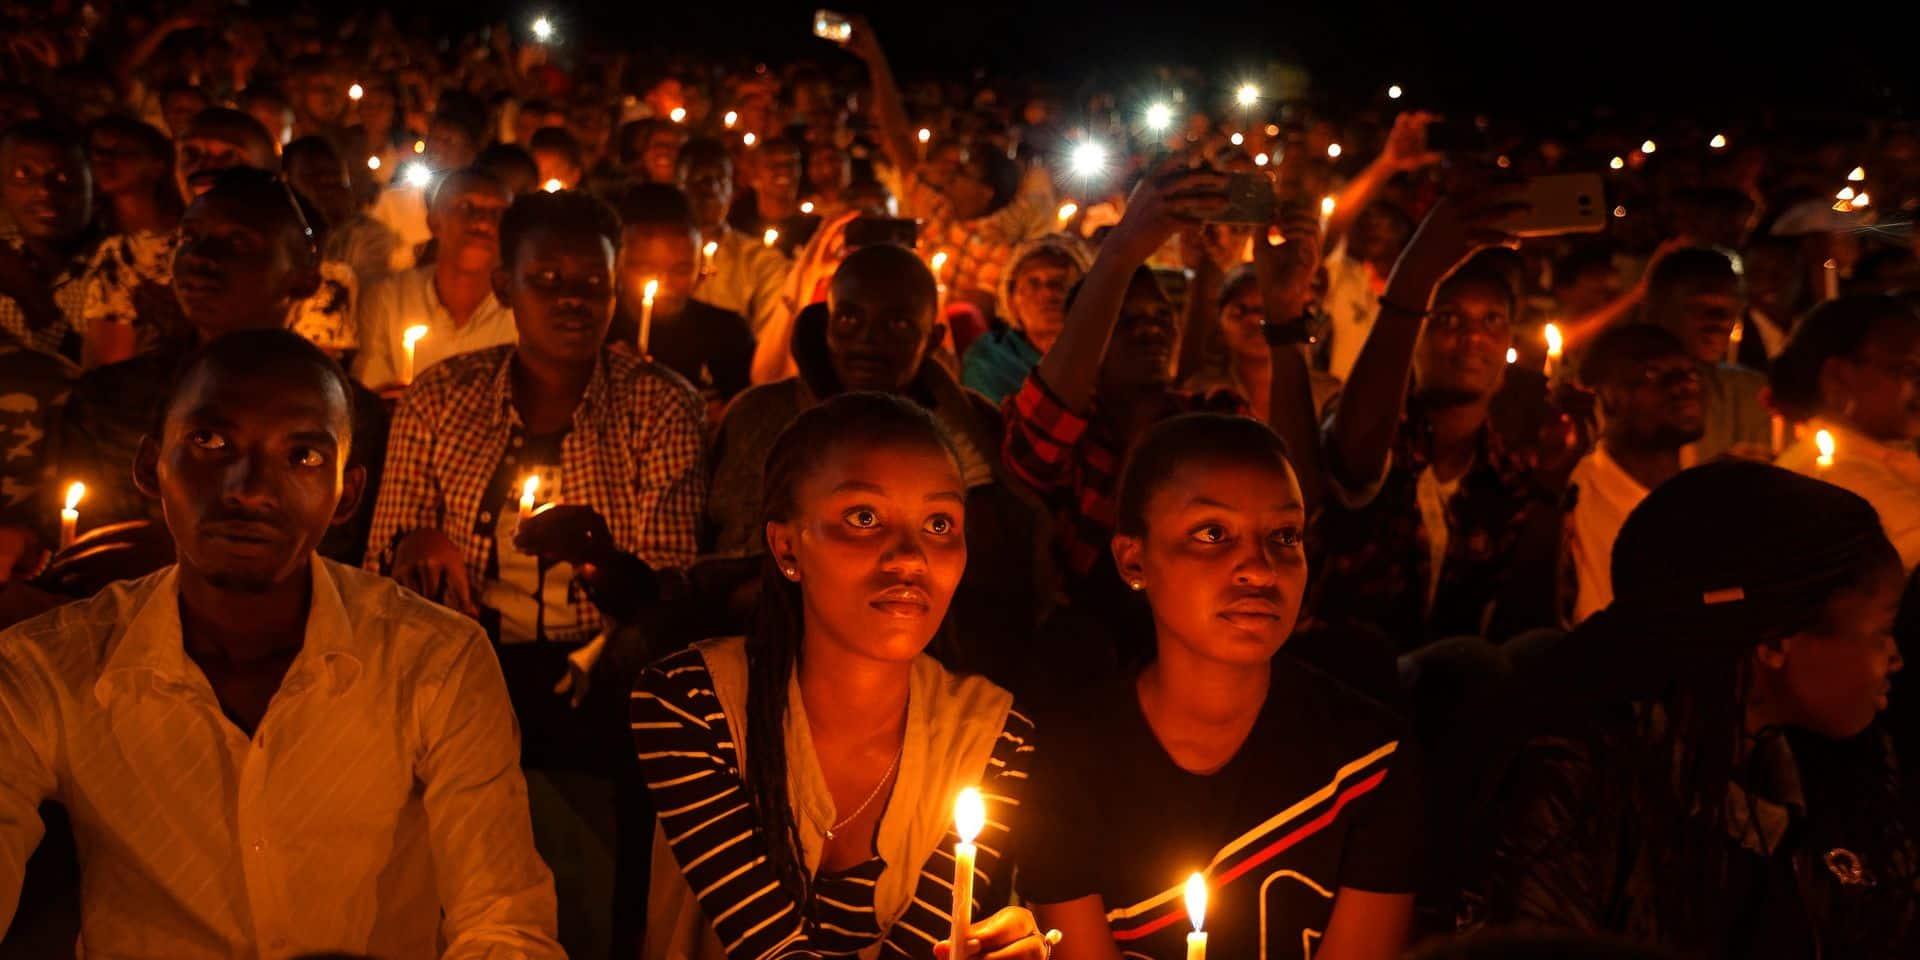 Il y a 27 ans commençait le génocide des Tutsis au Rwanda